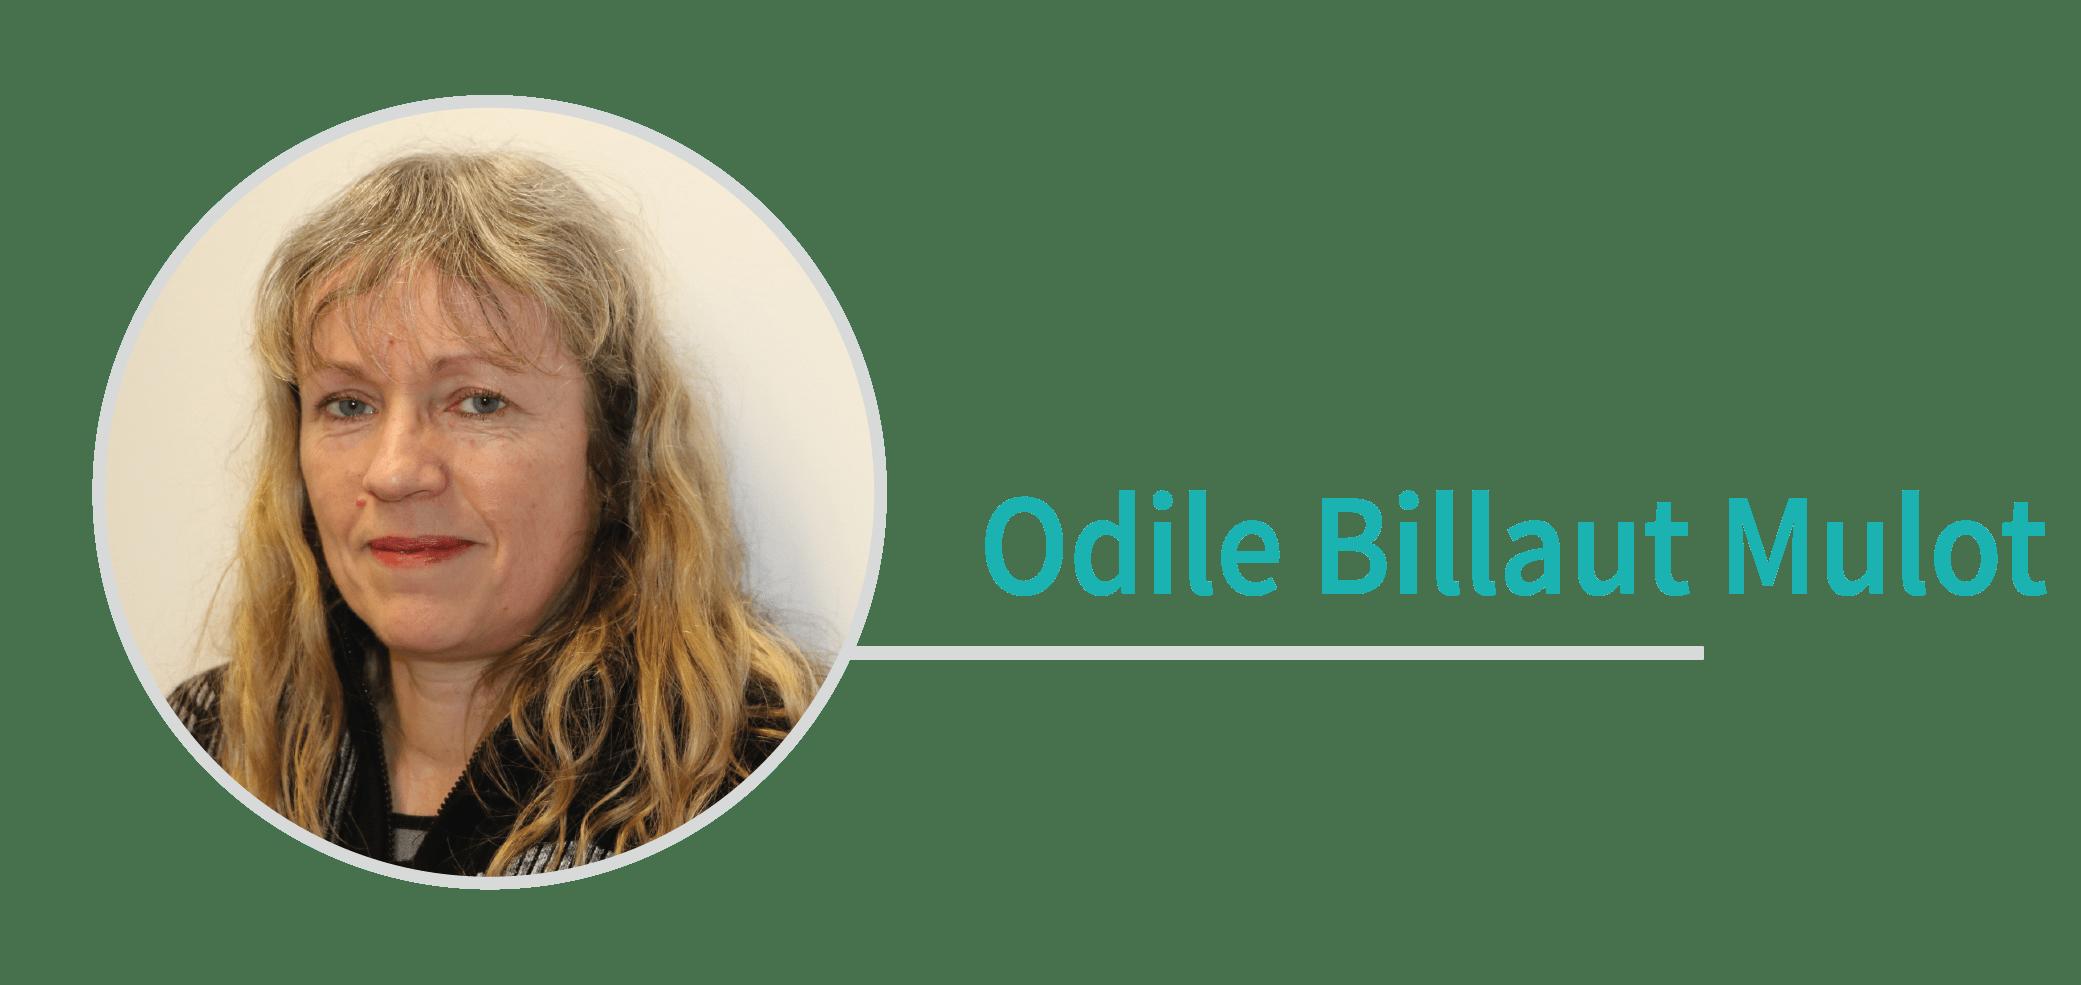 OBM SITE WEB